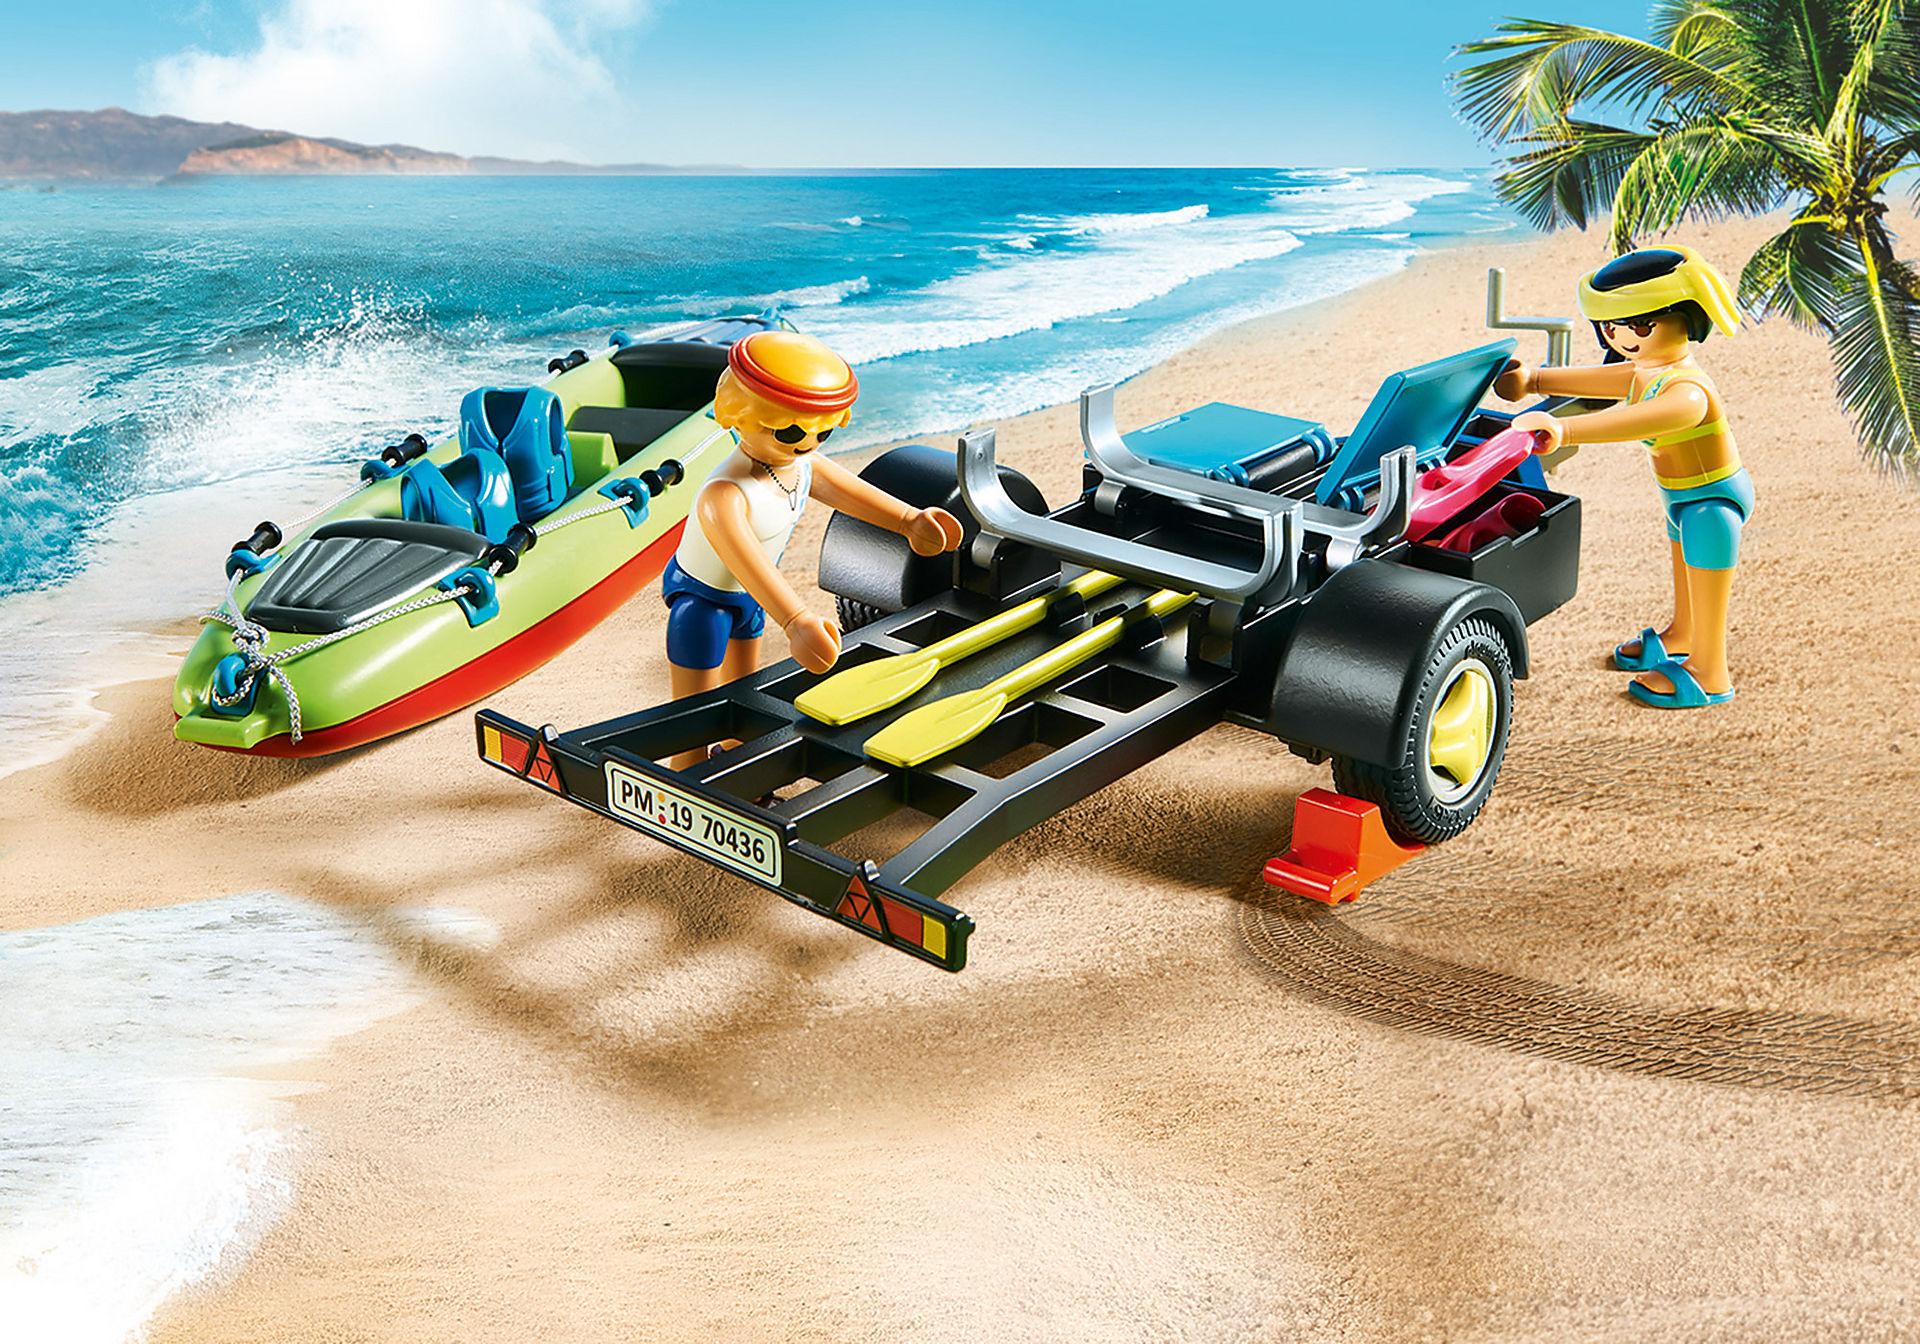 70436 Auto da spiaggia con rimorchio per canoa zoom image5